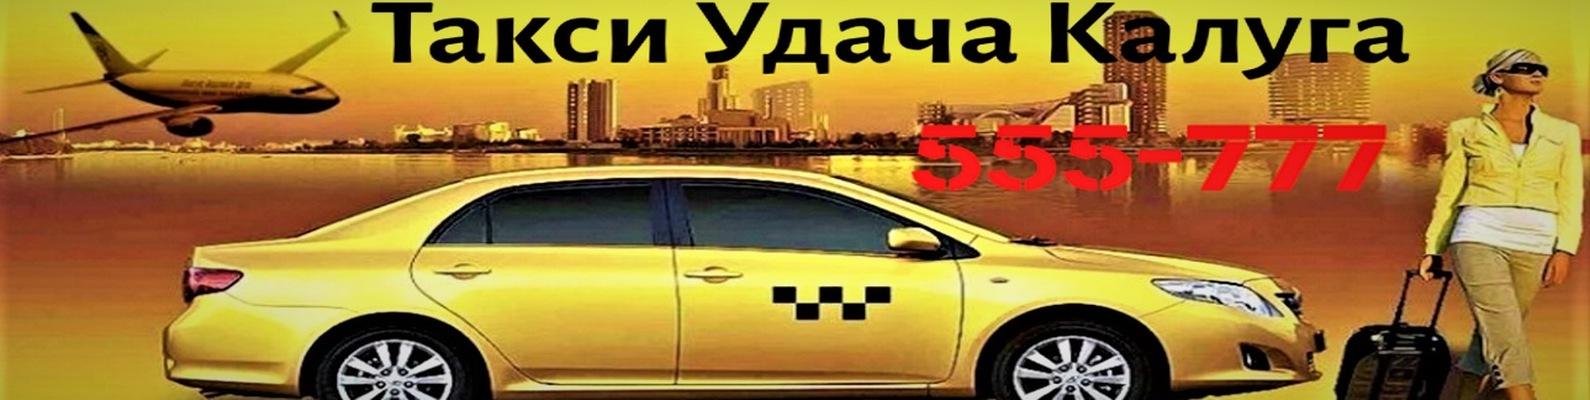 том, картинки для такси удача червяка